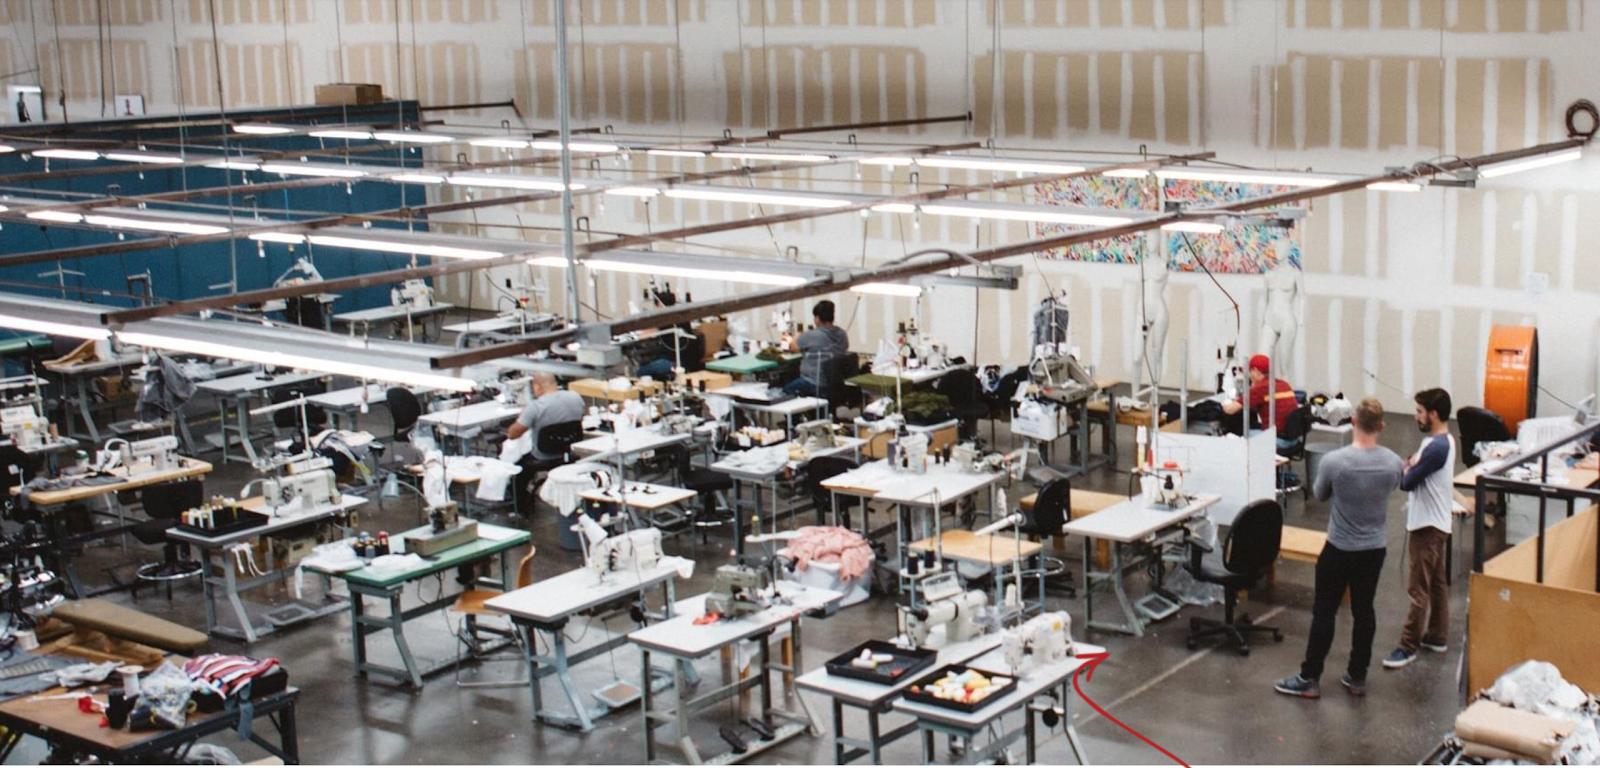 Screenshot showing Pistol Lake manufacturing site